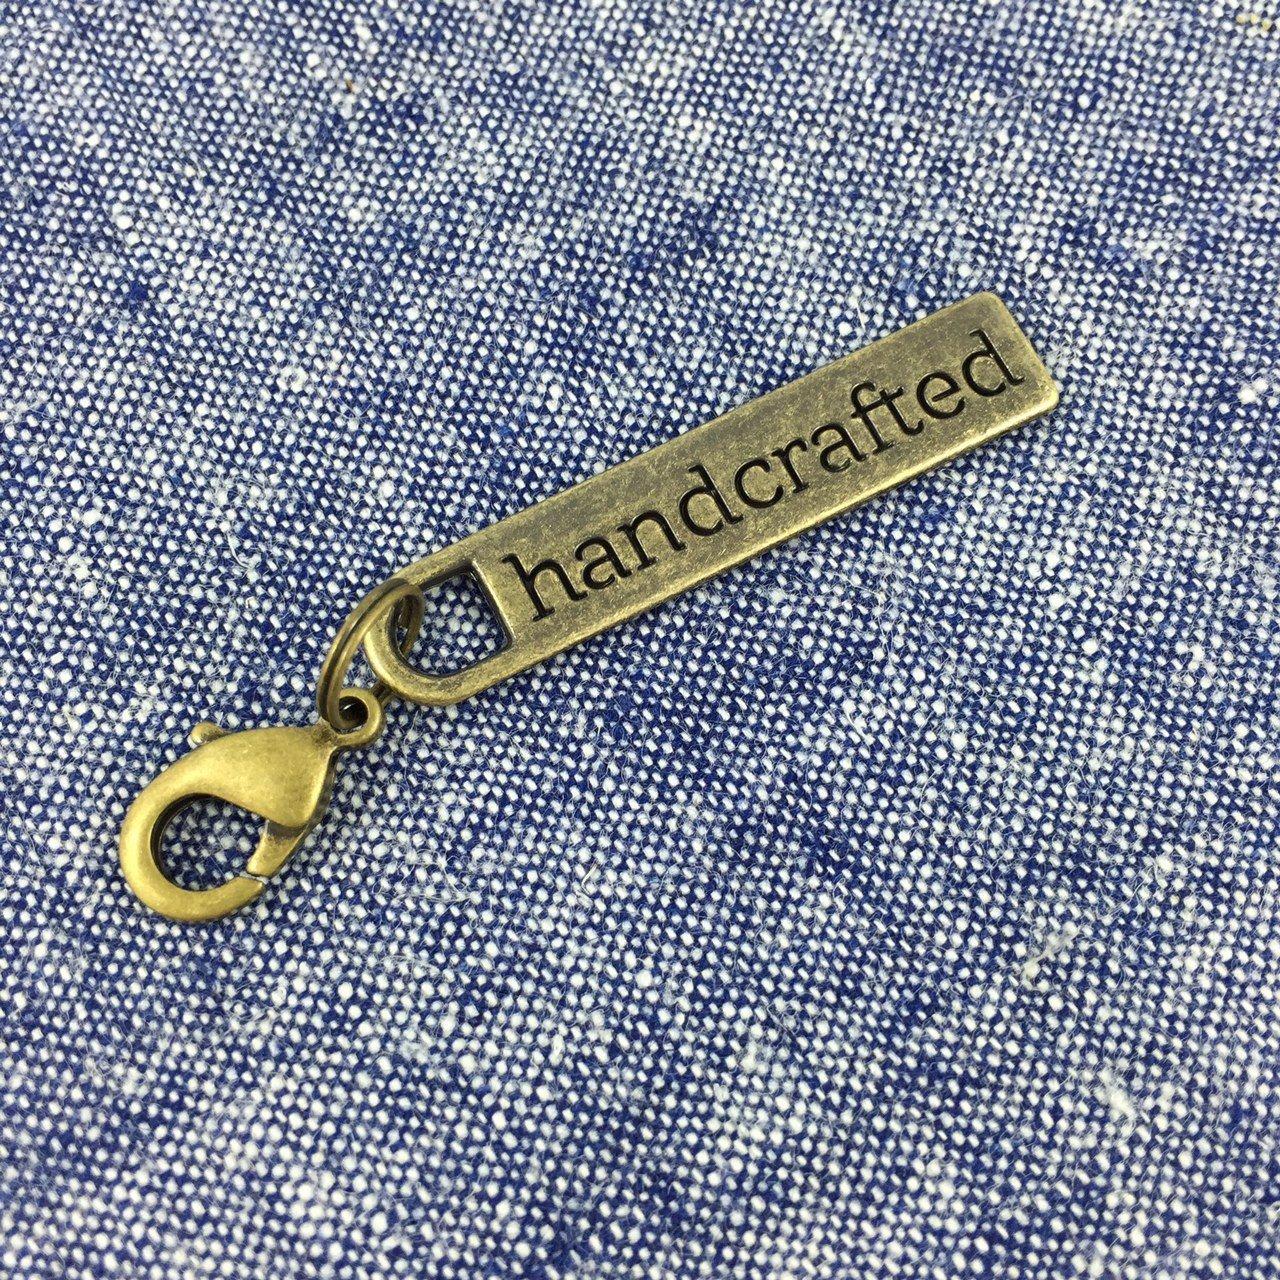 Handmade Zipper Pull - Brass